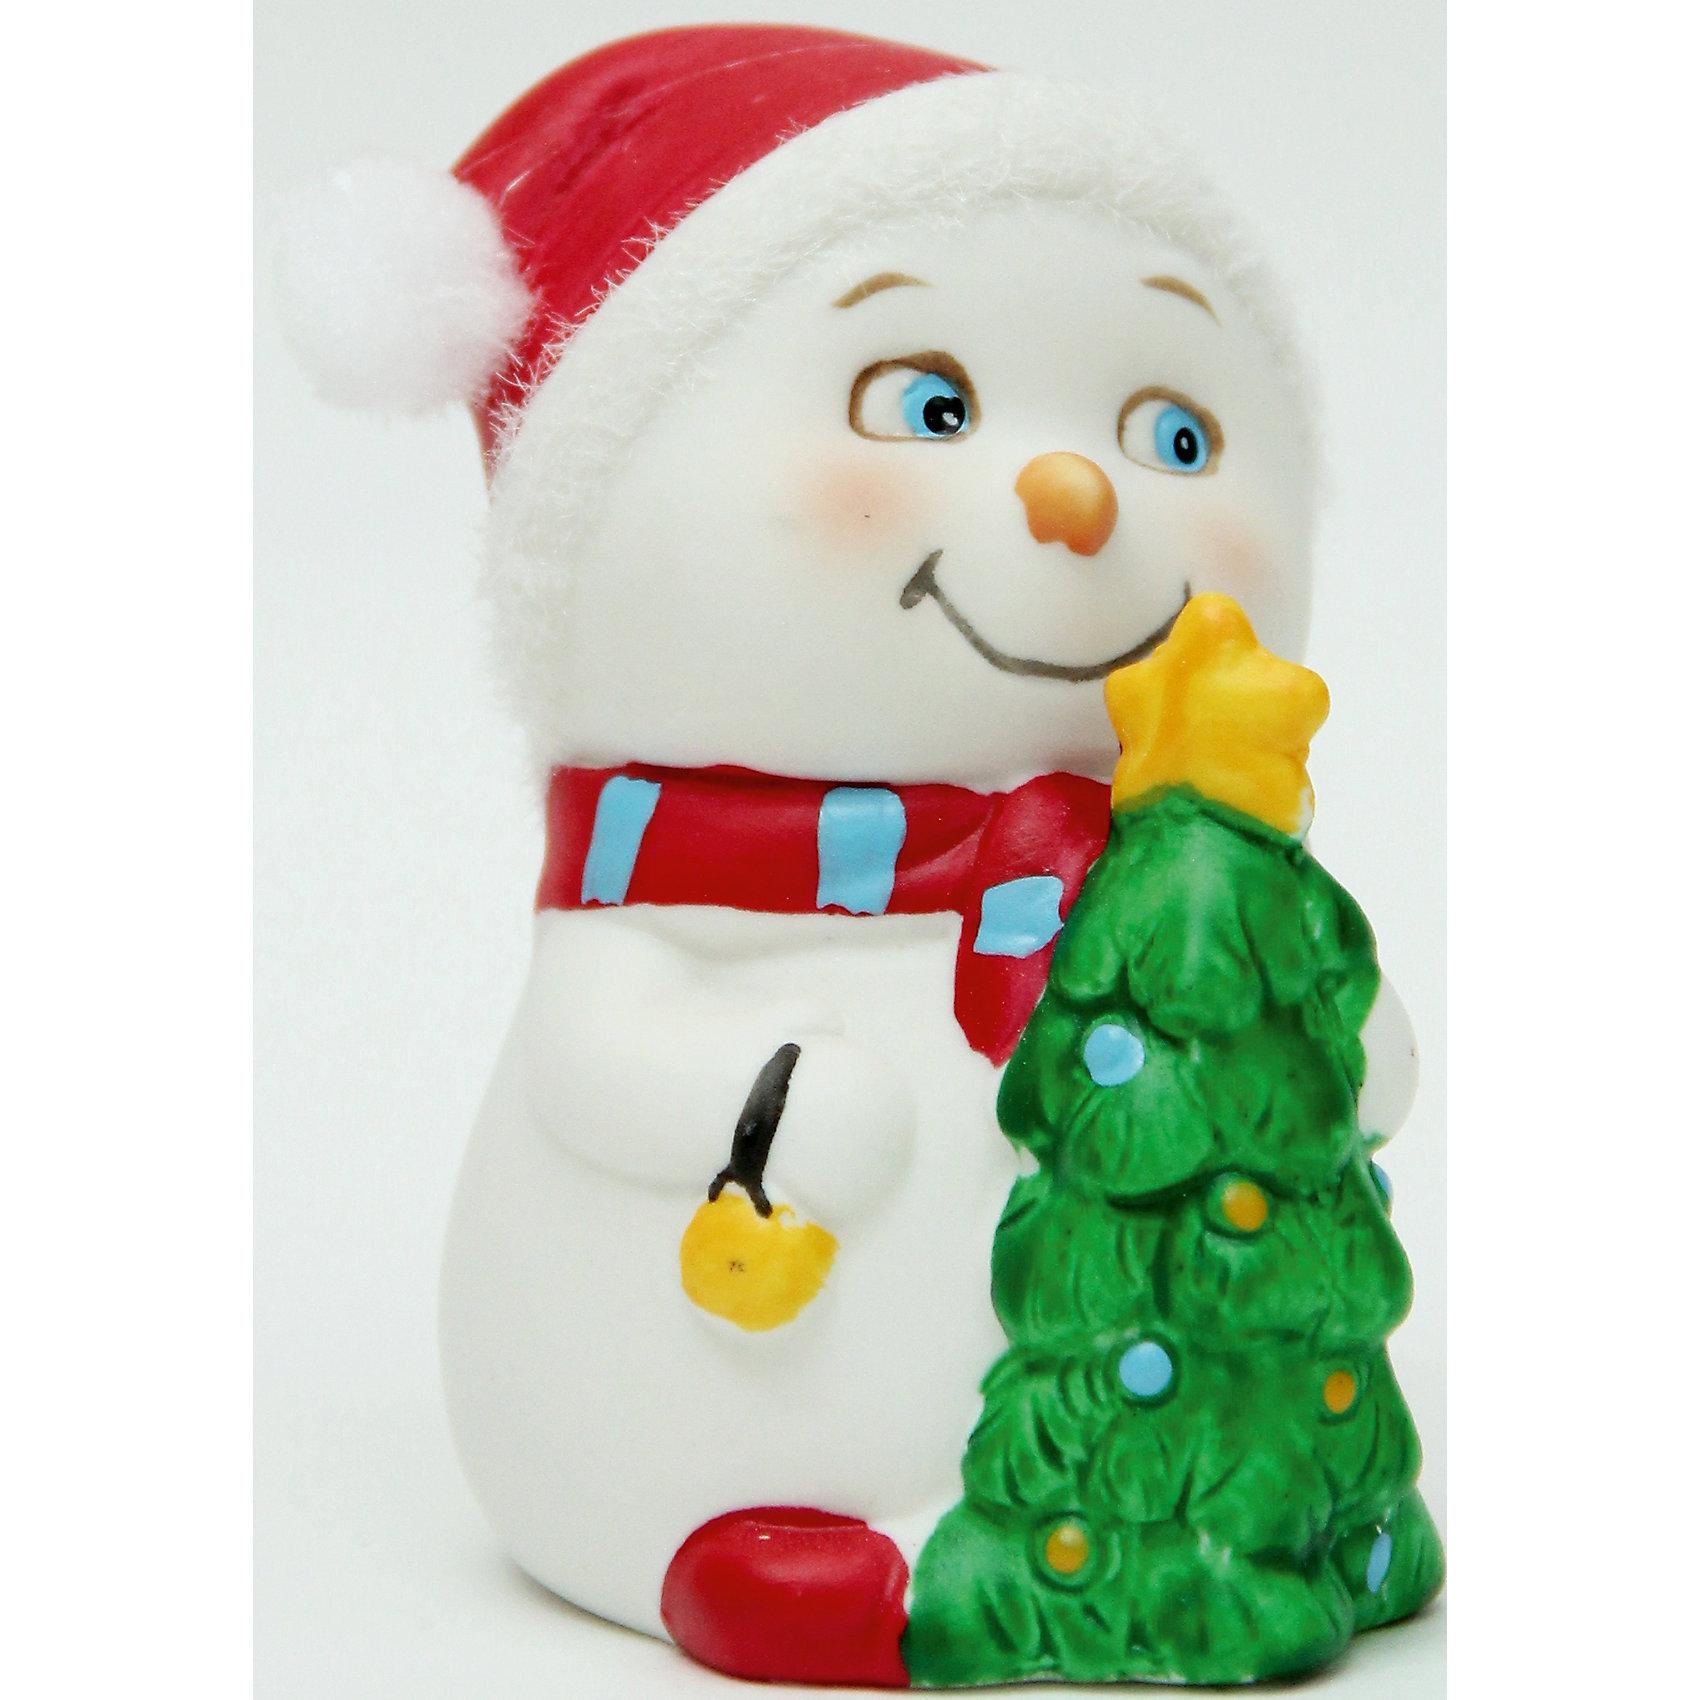 Фигурка Снеговик с елочкойНовогодние свечи и подсвечники<br>Новогодняя фигурка снеговика Снеговик с елочкой арт.38345/120 (цв. карт.8см, керамика)<br><br>Ширина мм: 80<br>Глубина мм: 70<br>Высота мм: 90<br>Вес г: 138<br>Возраст от месяцев: 60<br>Возраст до месяцев: 600<br>Пол: Унисекс<br>Возраст: Детский<br>SKU: 5144562